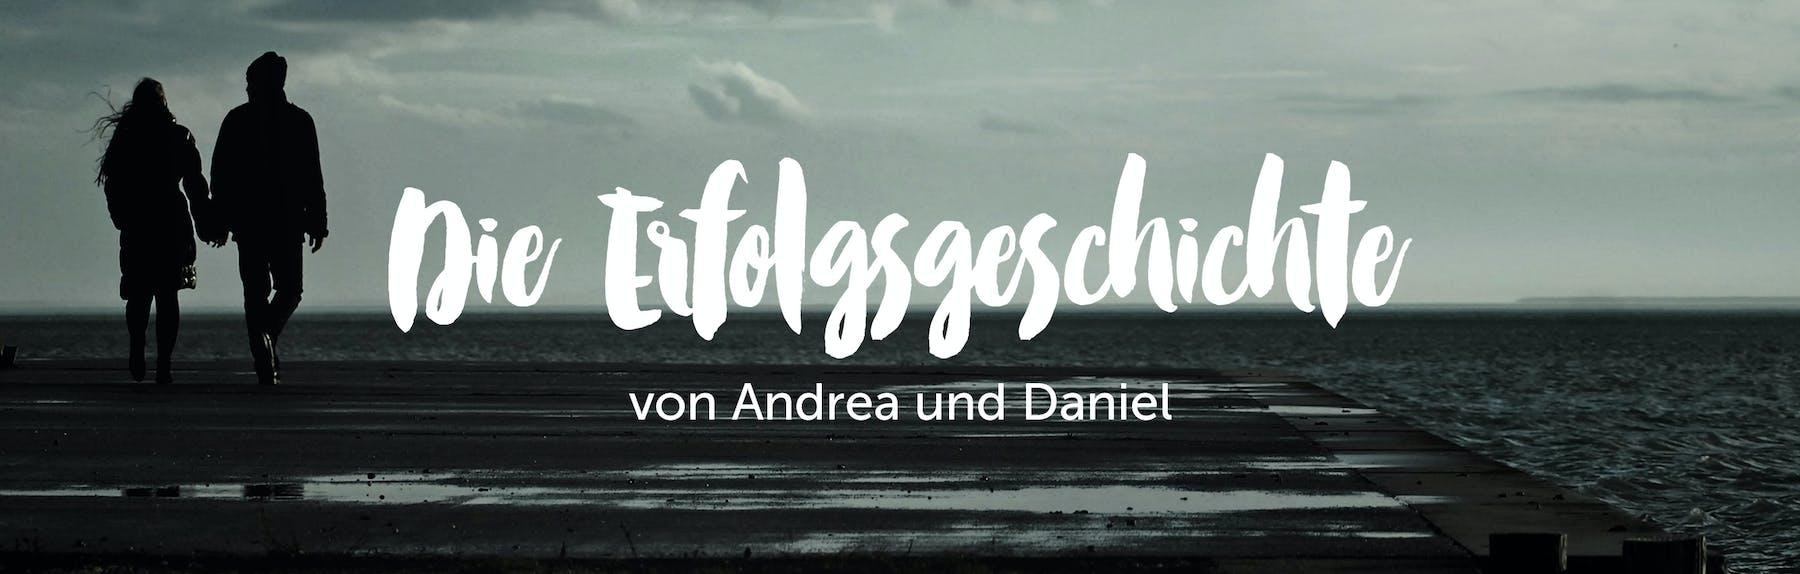 Die Erfolgsgeschichte von Andrea und Daniel